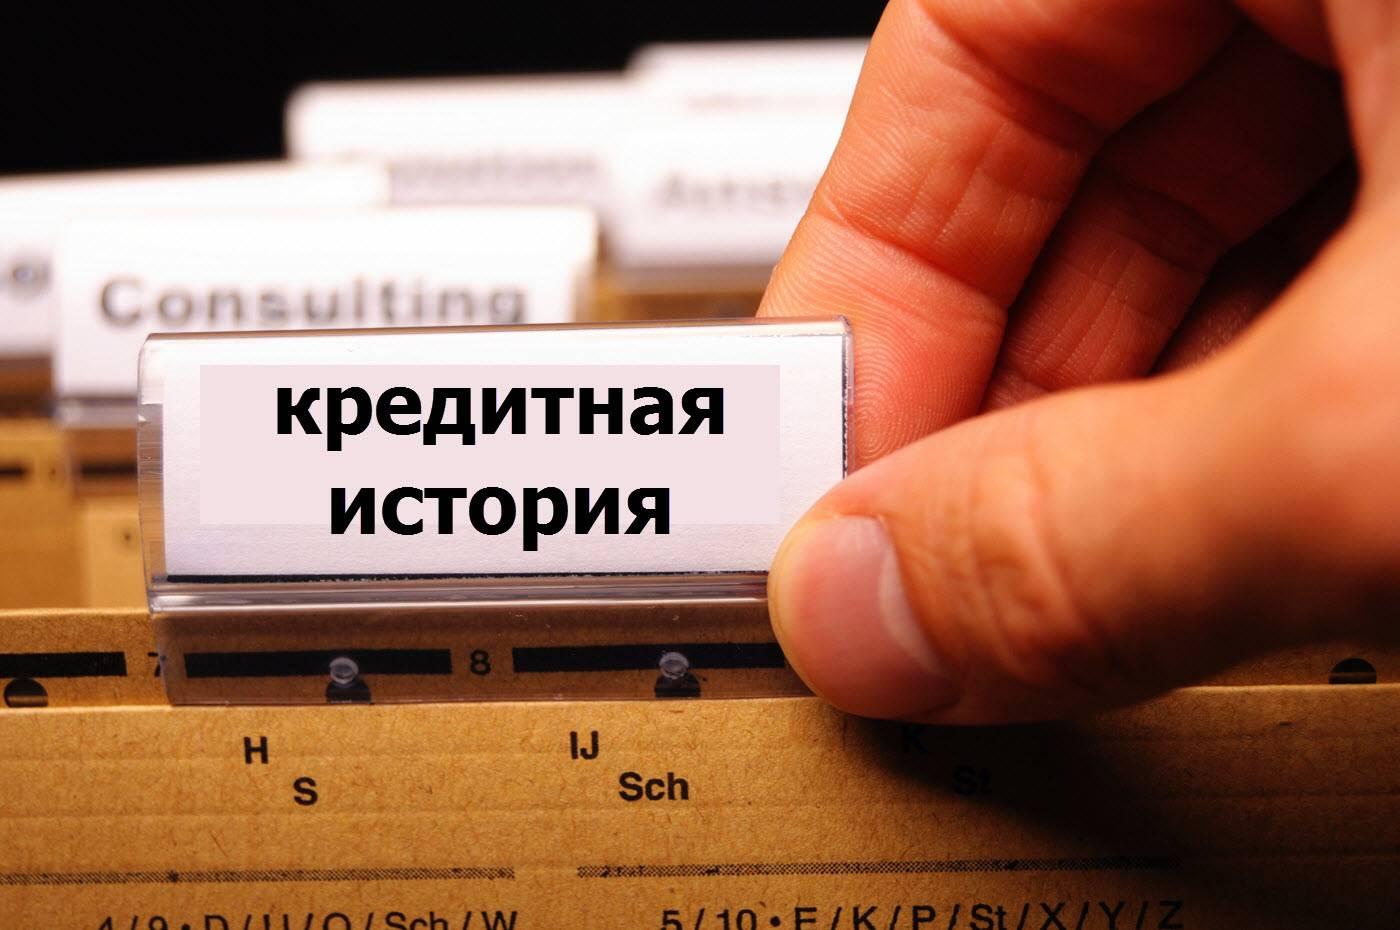 Ипотека иностранным гражданам в москве